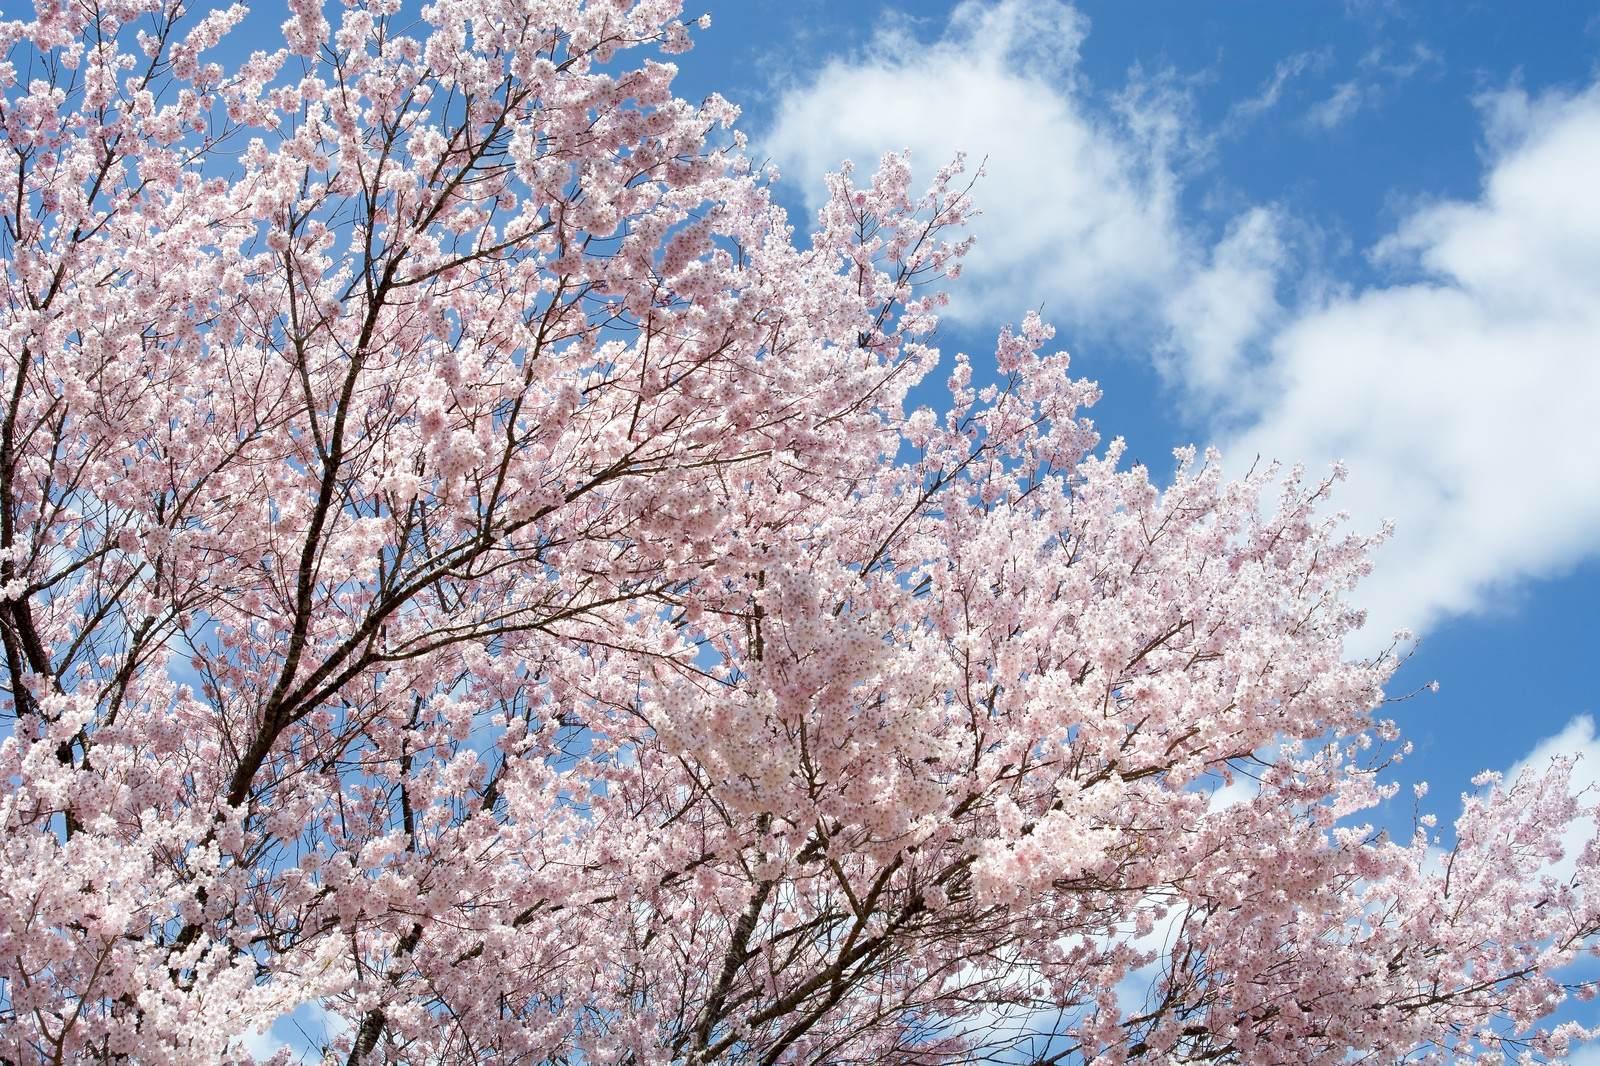 【春を表現する言葉一覧】季語 - 季節の美しい言葉